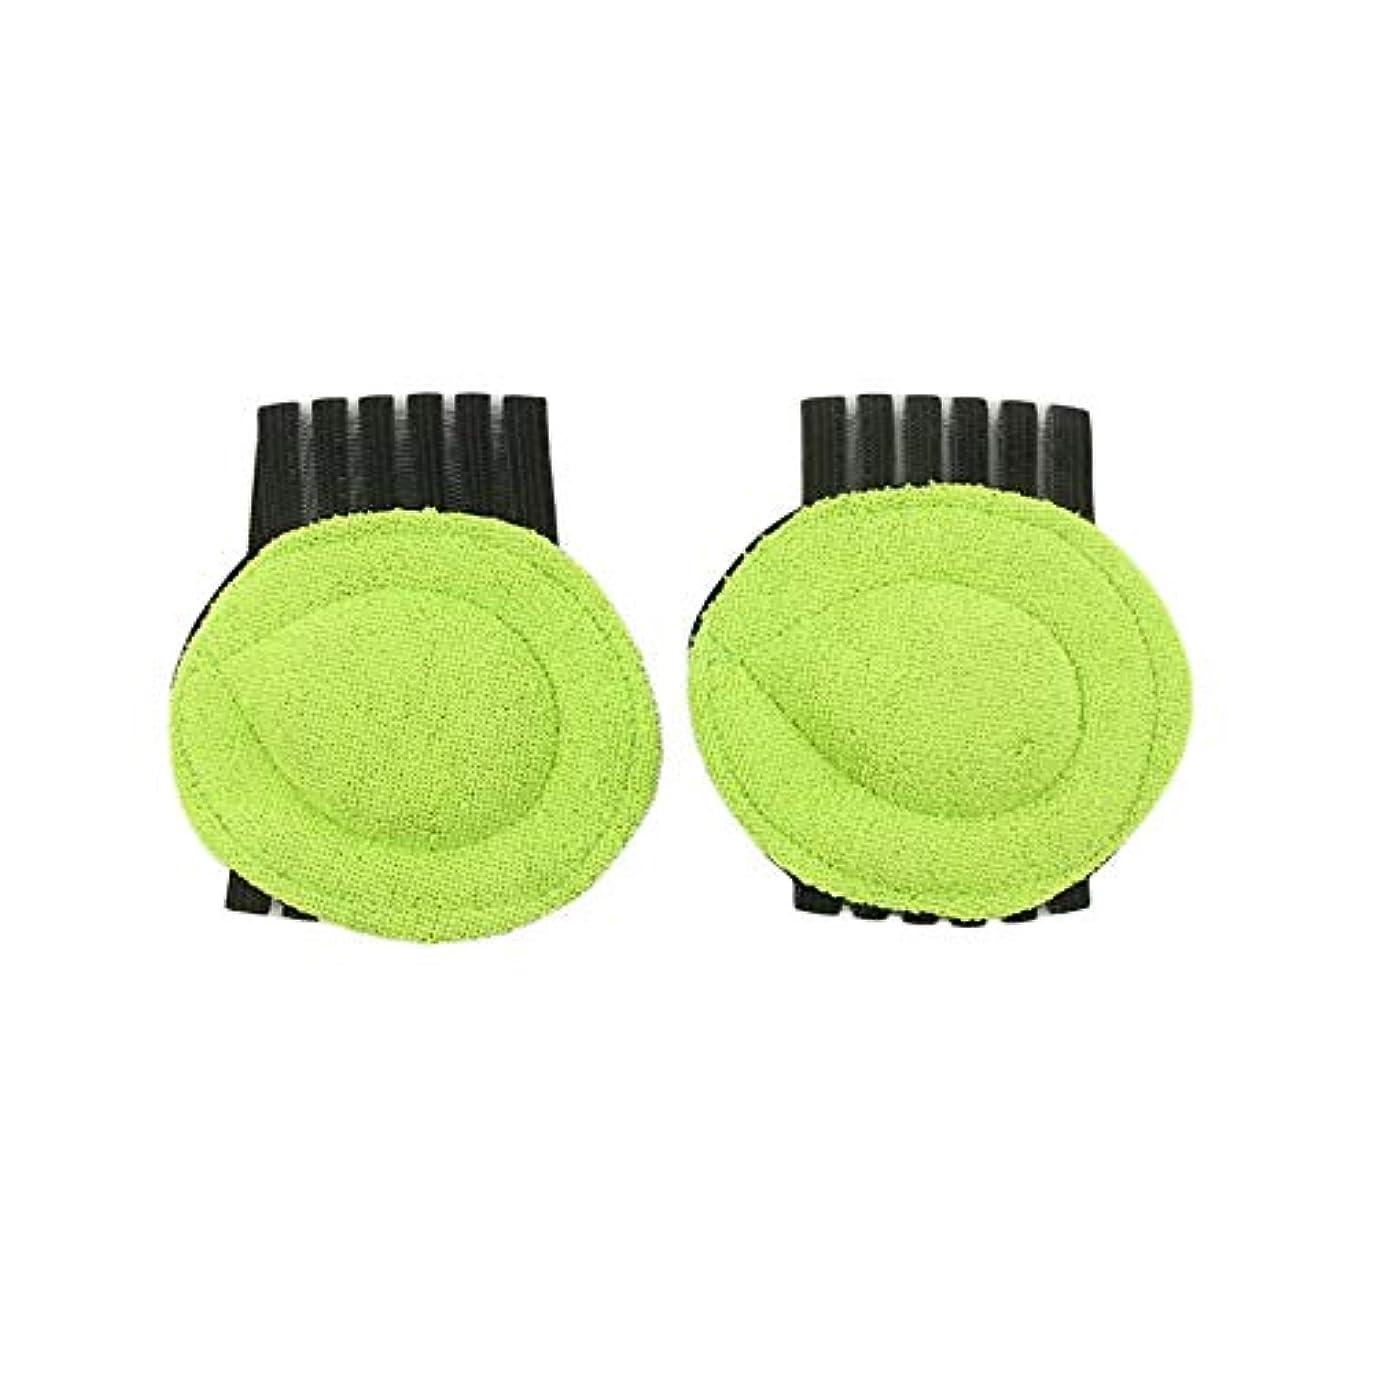 背の高いお手伝いさん藤色快適なクッション性のあるアキのサポートは足の腰痛のかかとのアーチの球を減らす足底によって引き起こされる不快感を和らげます